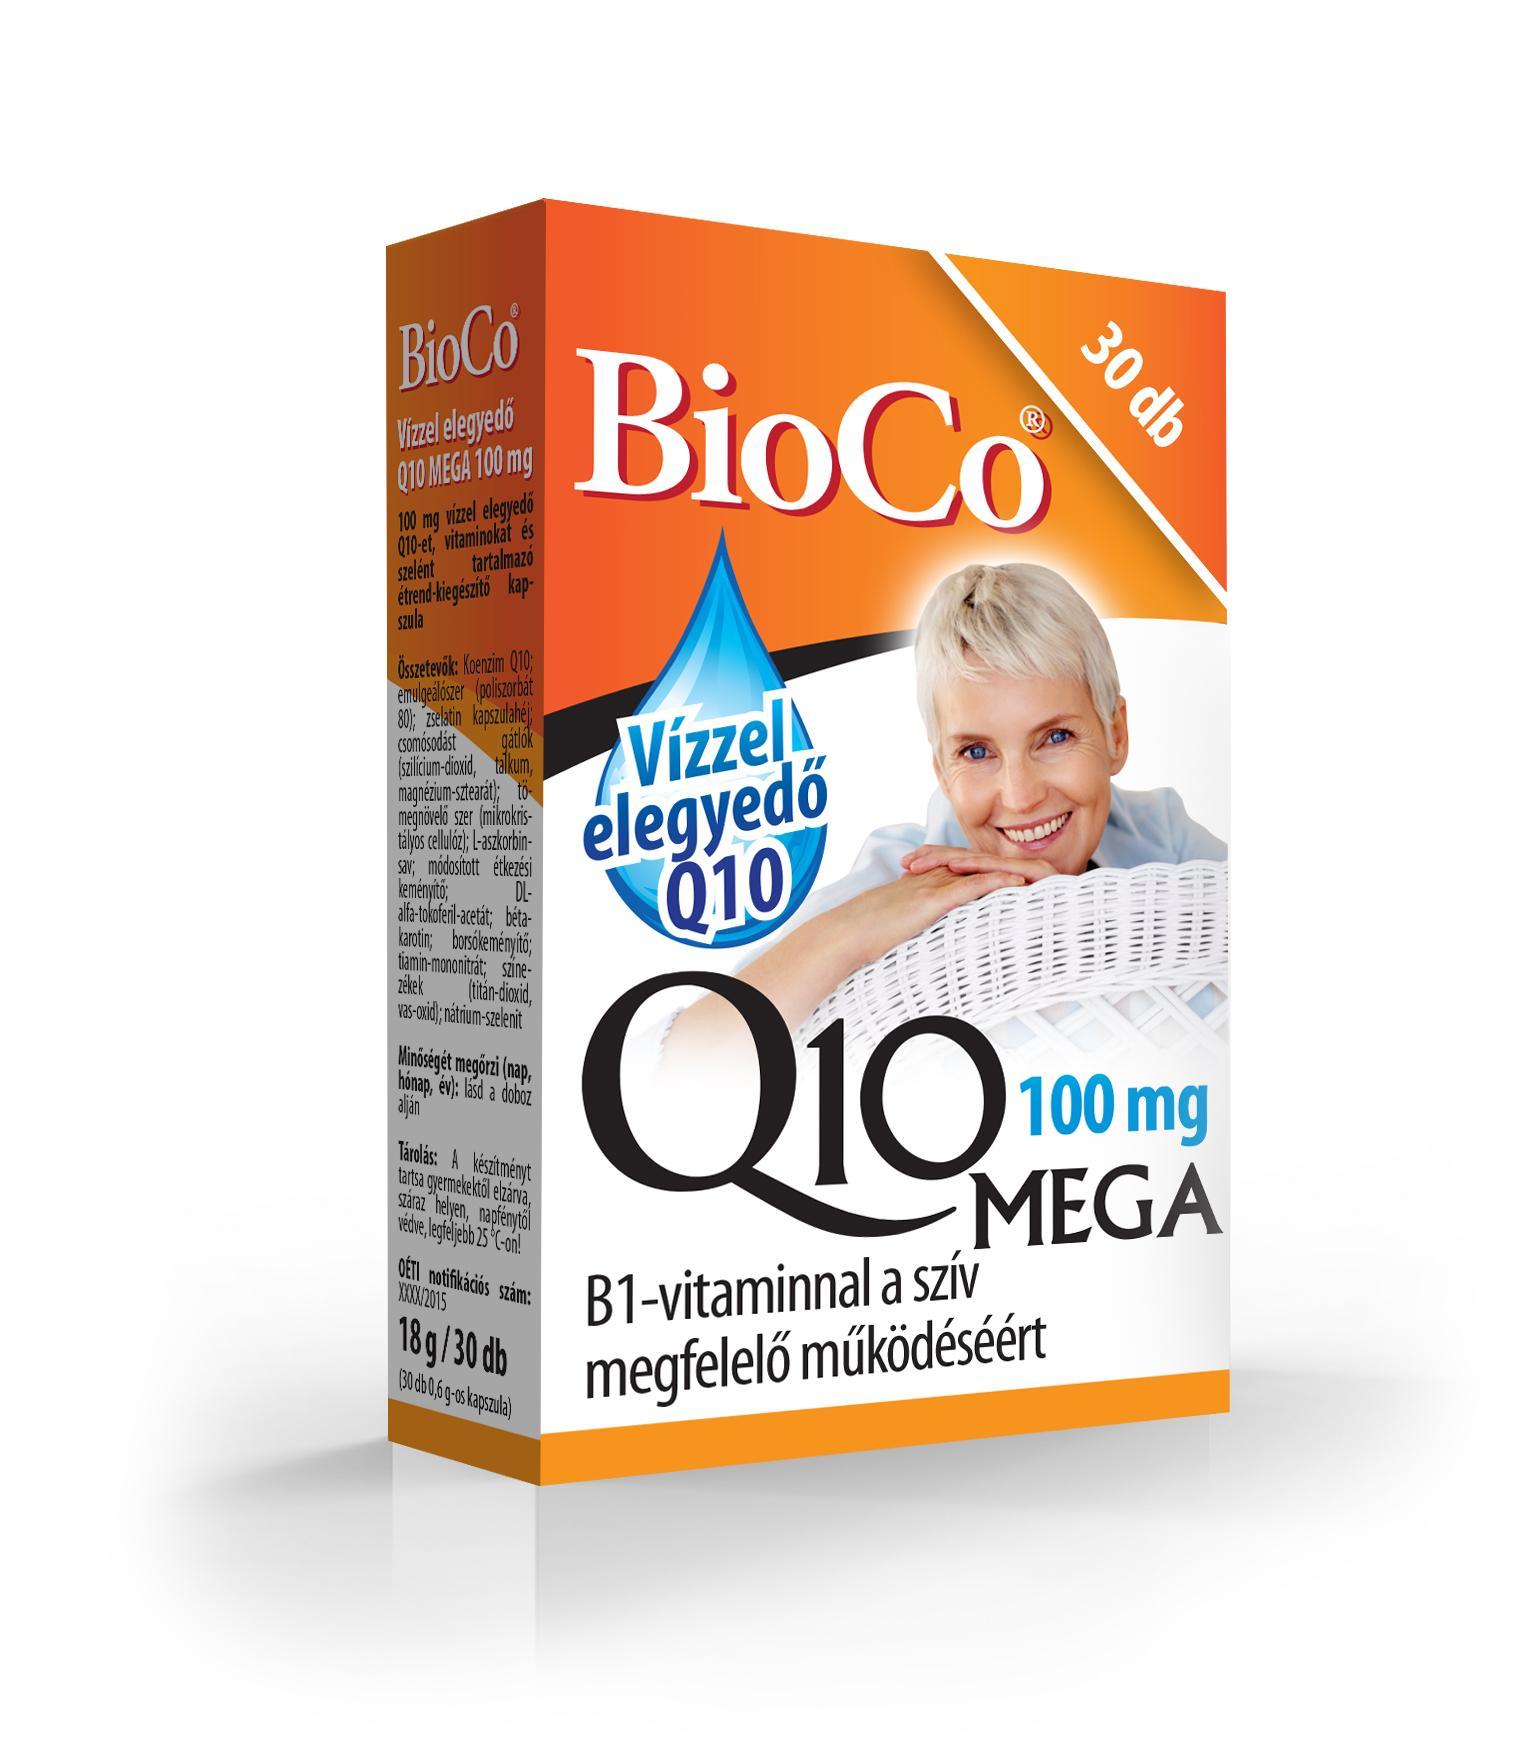 BioCo Q10 Mega 100 mg vízzel elegyedő kapszula 30x